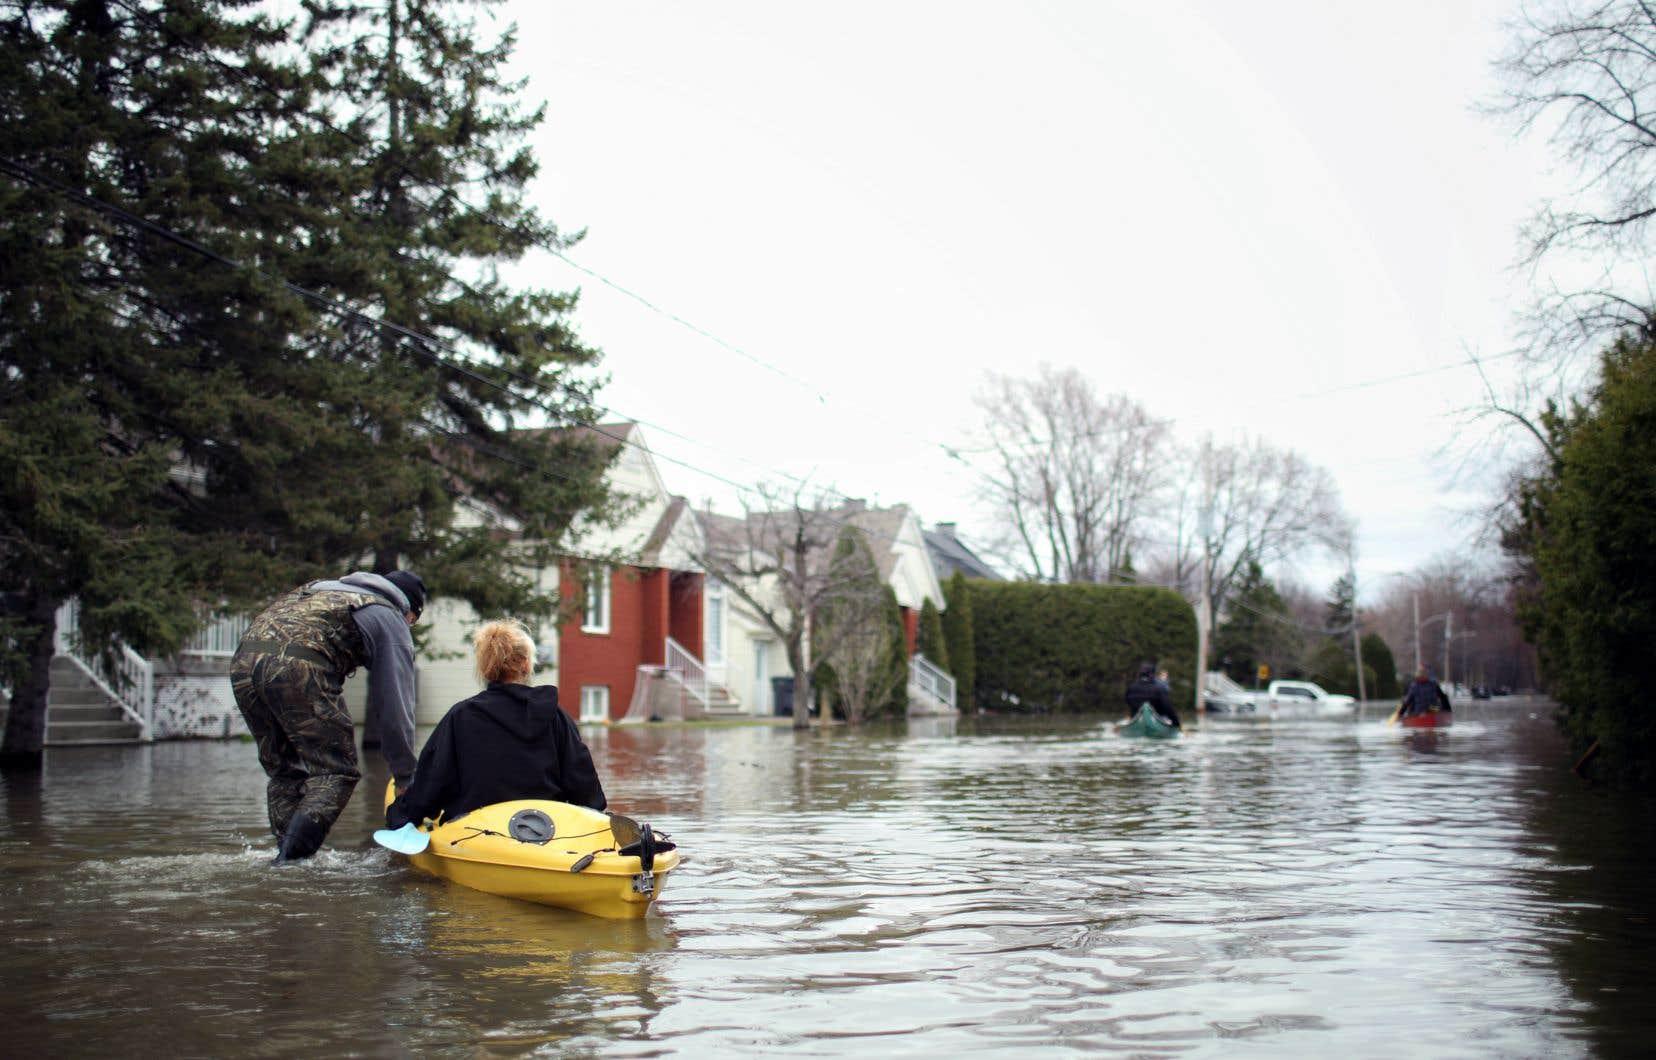 Tous les gens interrogés cette semaine s'entendent sur un point: les inondations de 2019 forceront des remises en question profondes.